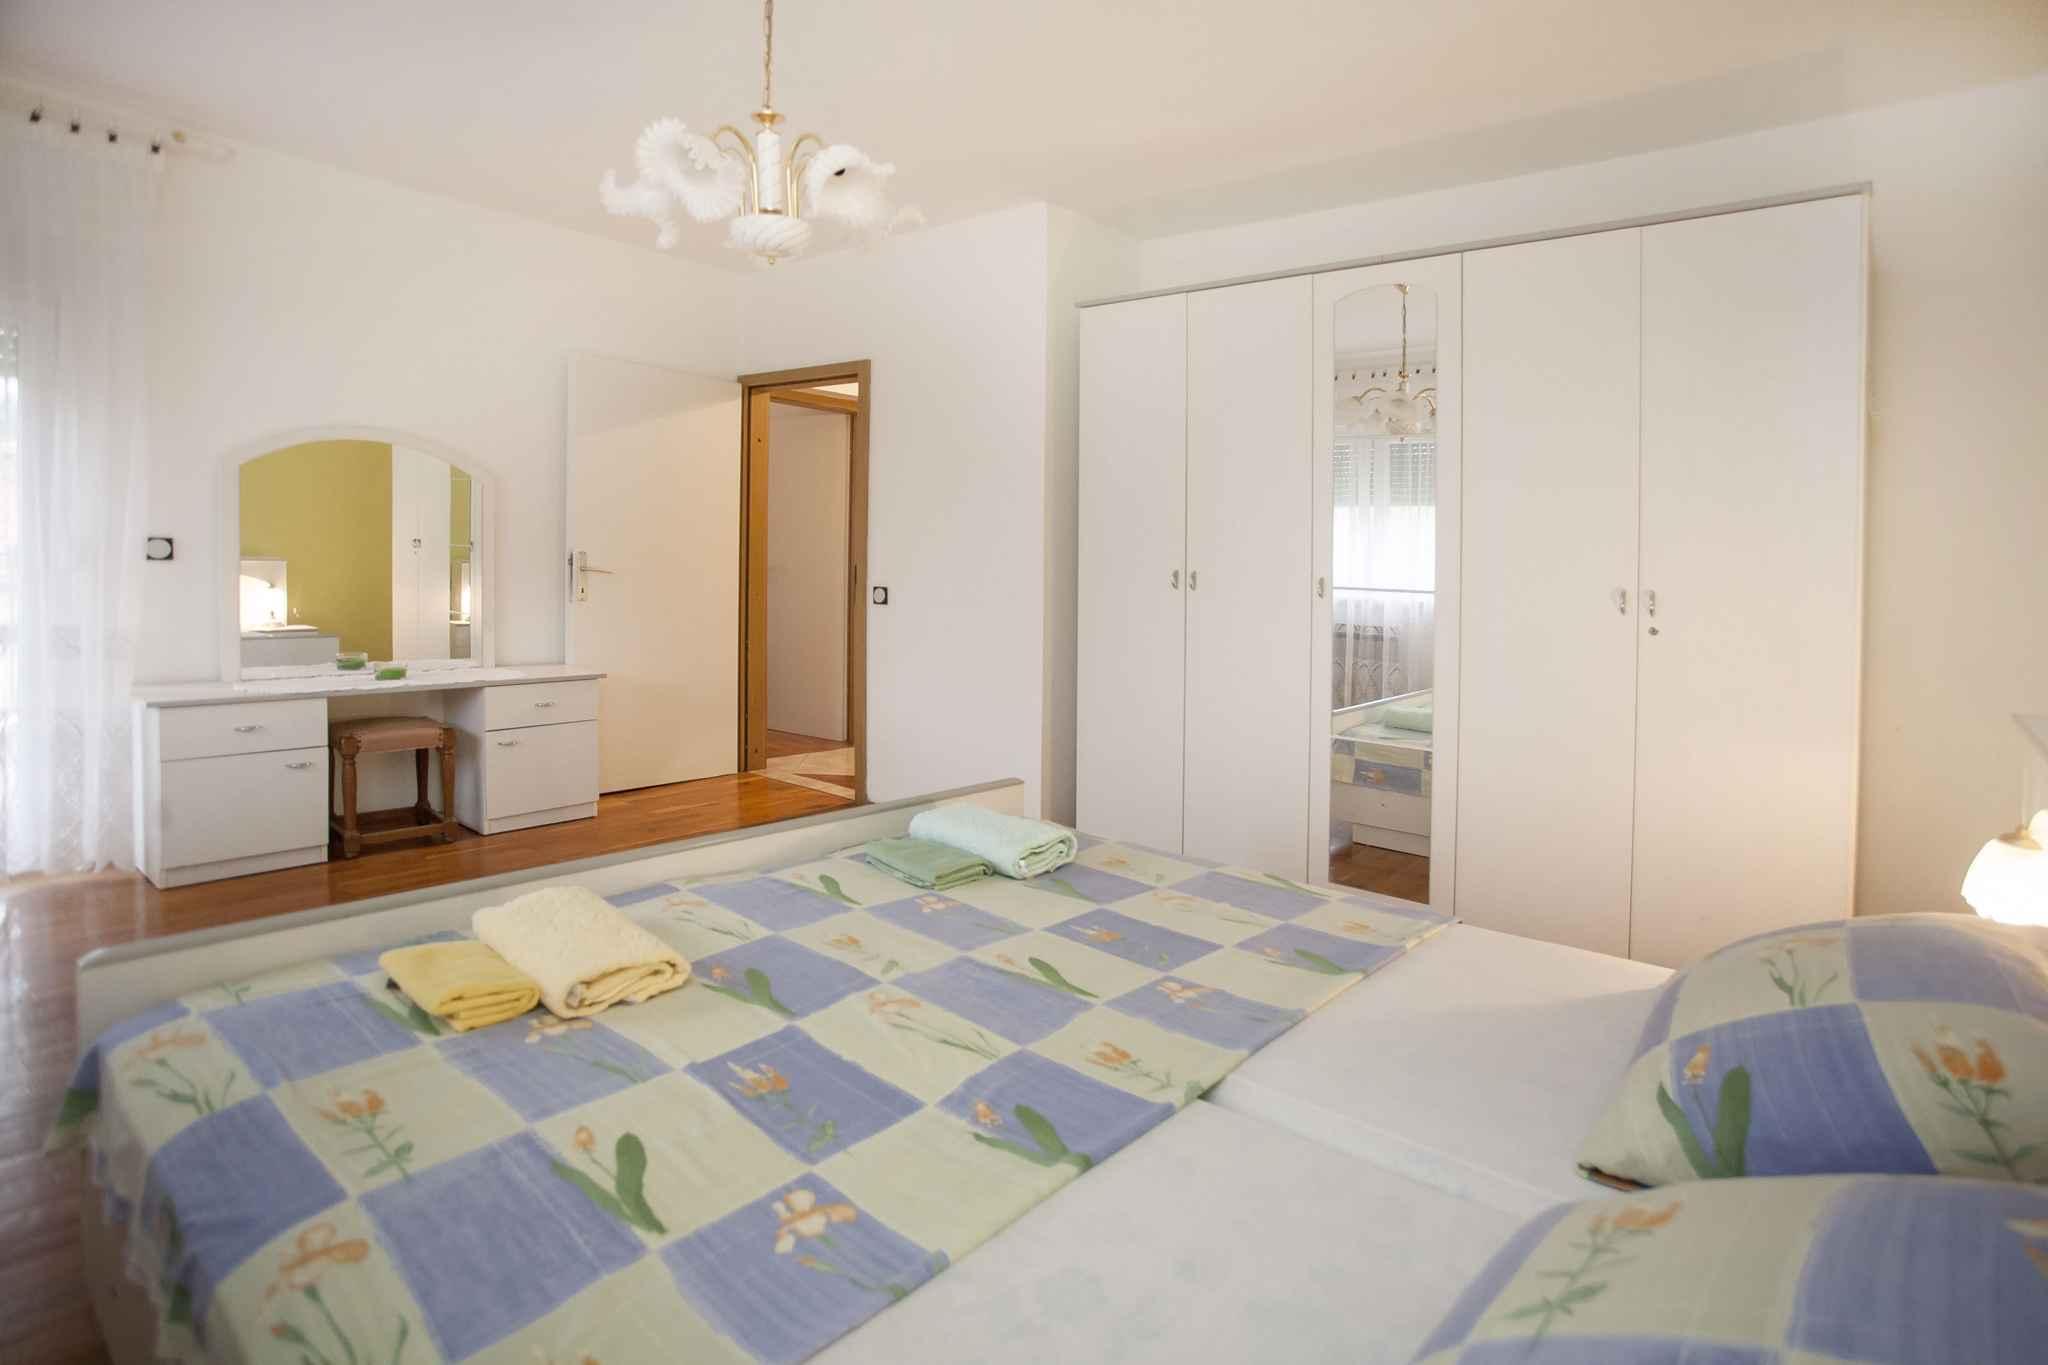 Ferienwohnung mit Balkon und Klimaanlage (281002), Rovinj, , Istrien, Kroatien, Bild 20